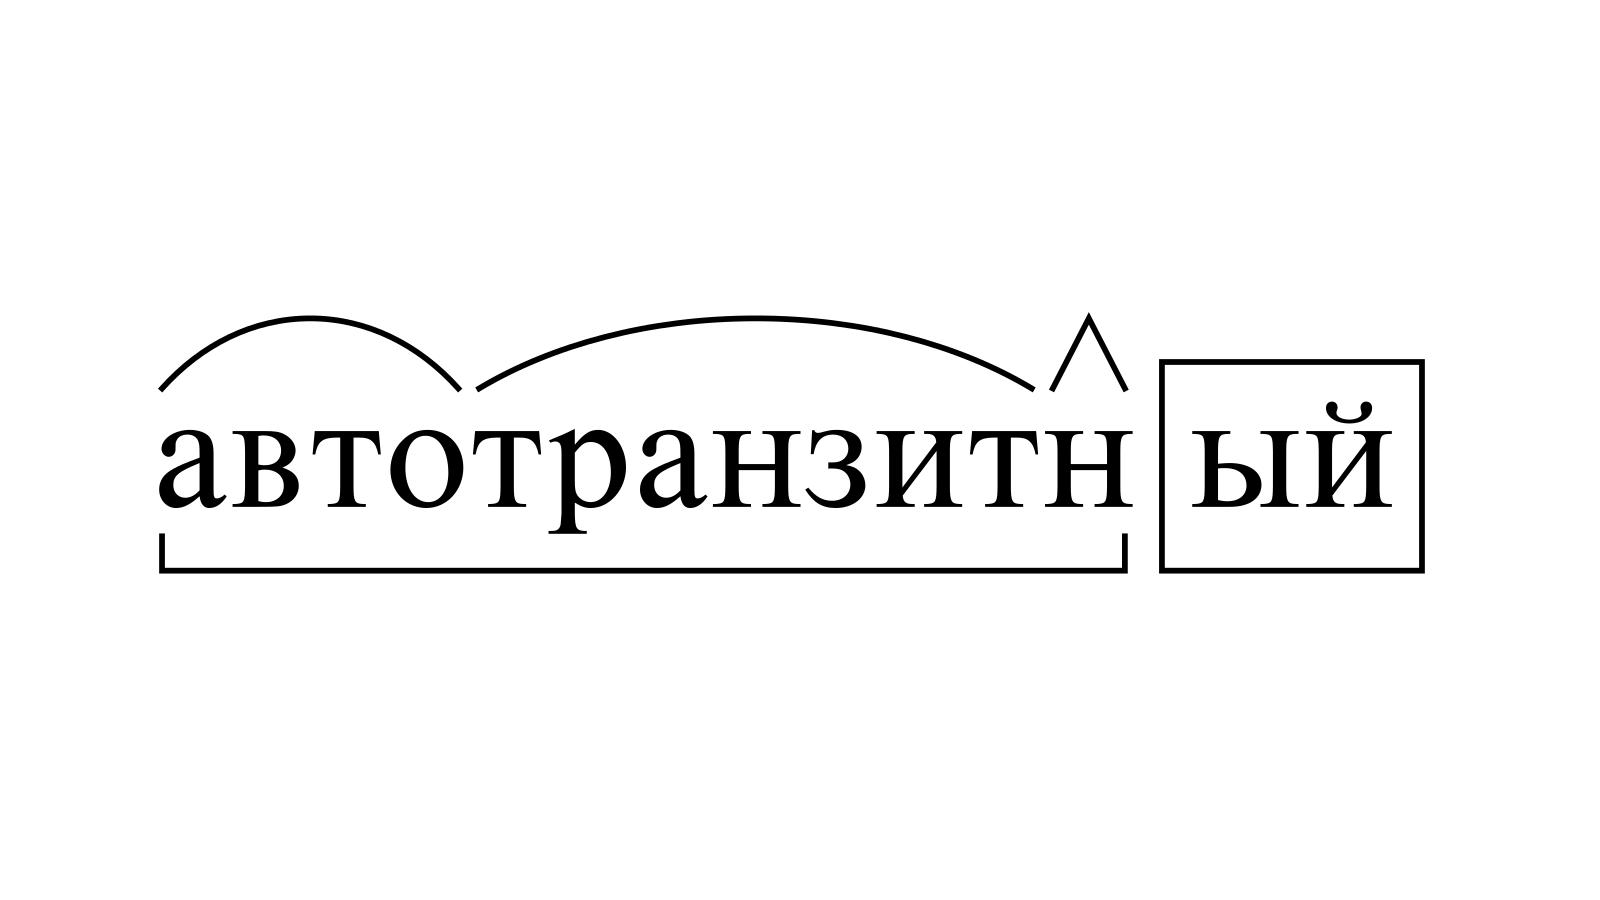 Разбор слова «автотранзитный» по составу